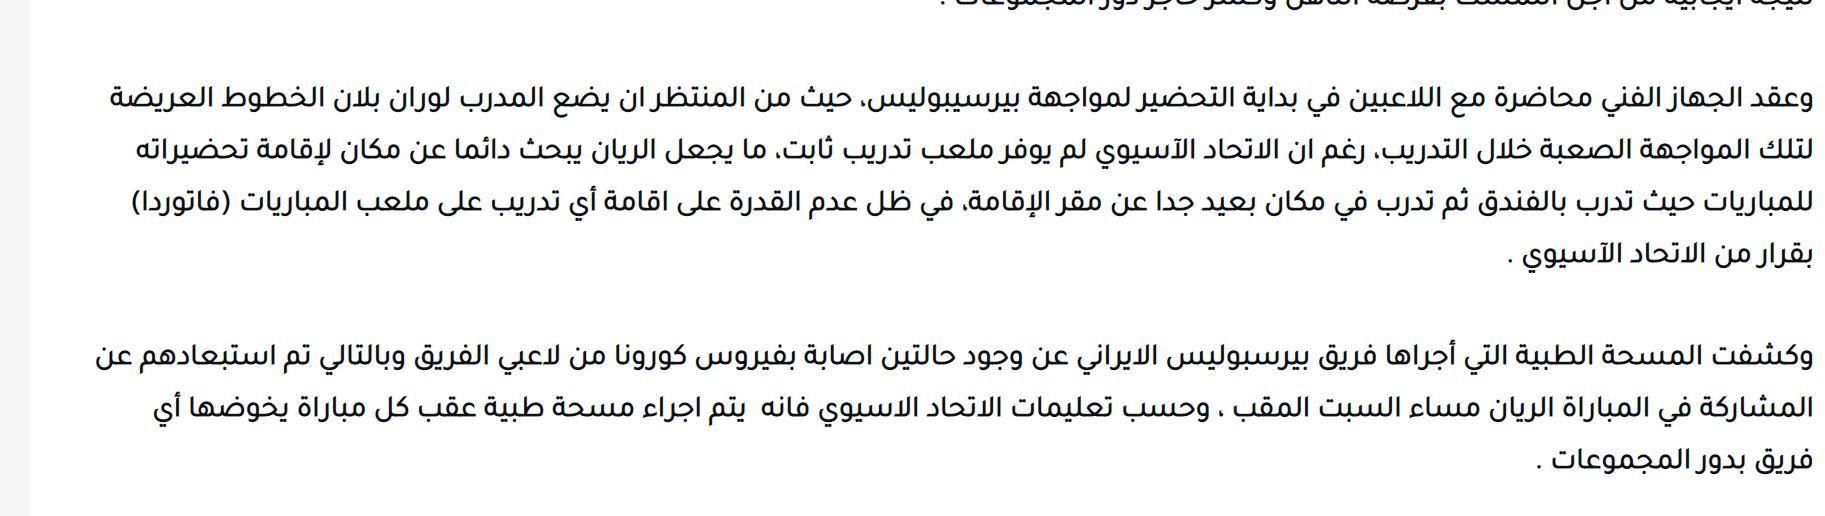 ادعای رسانه قطری: تست کرونای ۲ بازیکن پرسپولیس مثبت شد +عکس